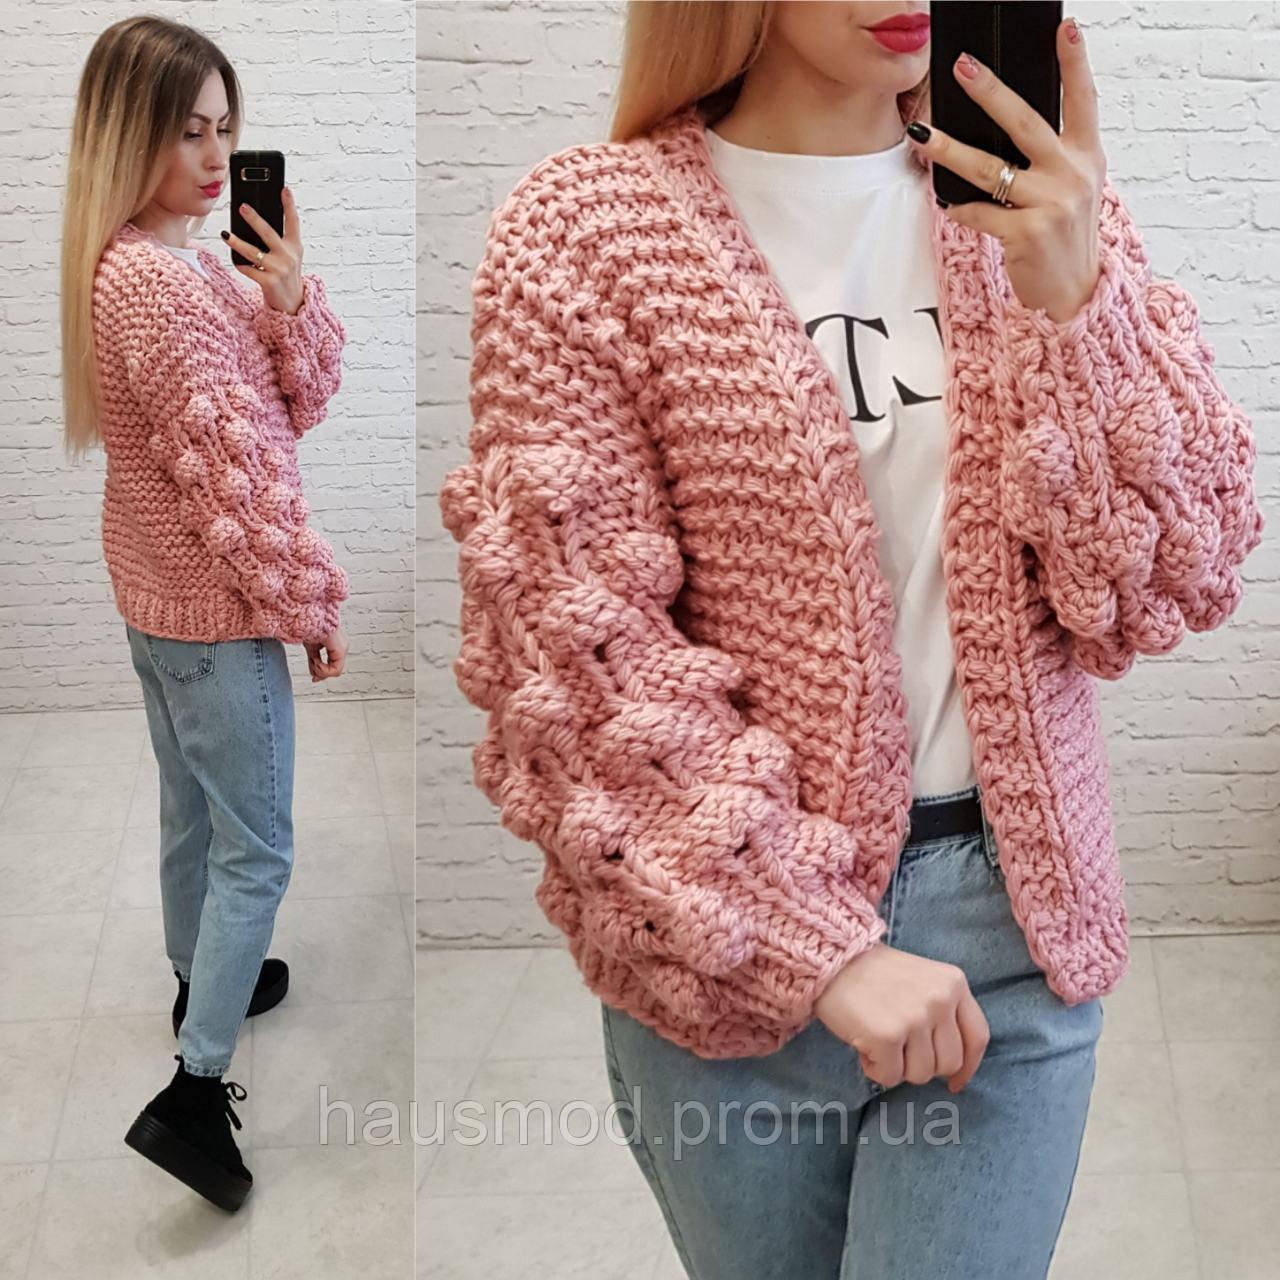 Женская кофта кардиган вязка шерсть акрил размер oversize цвет розовый